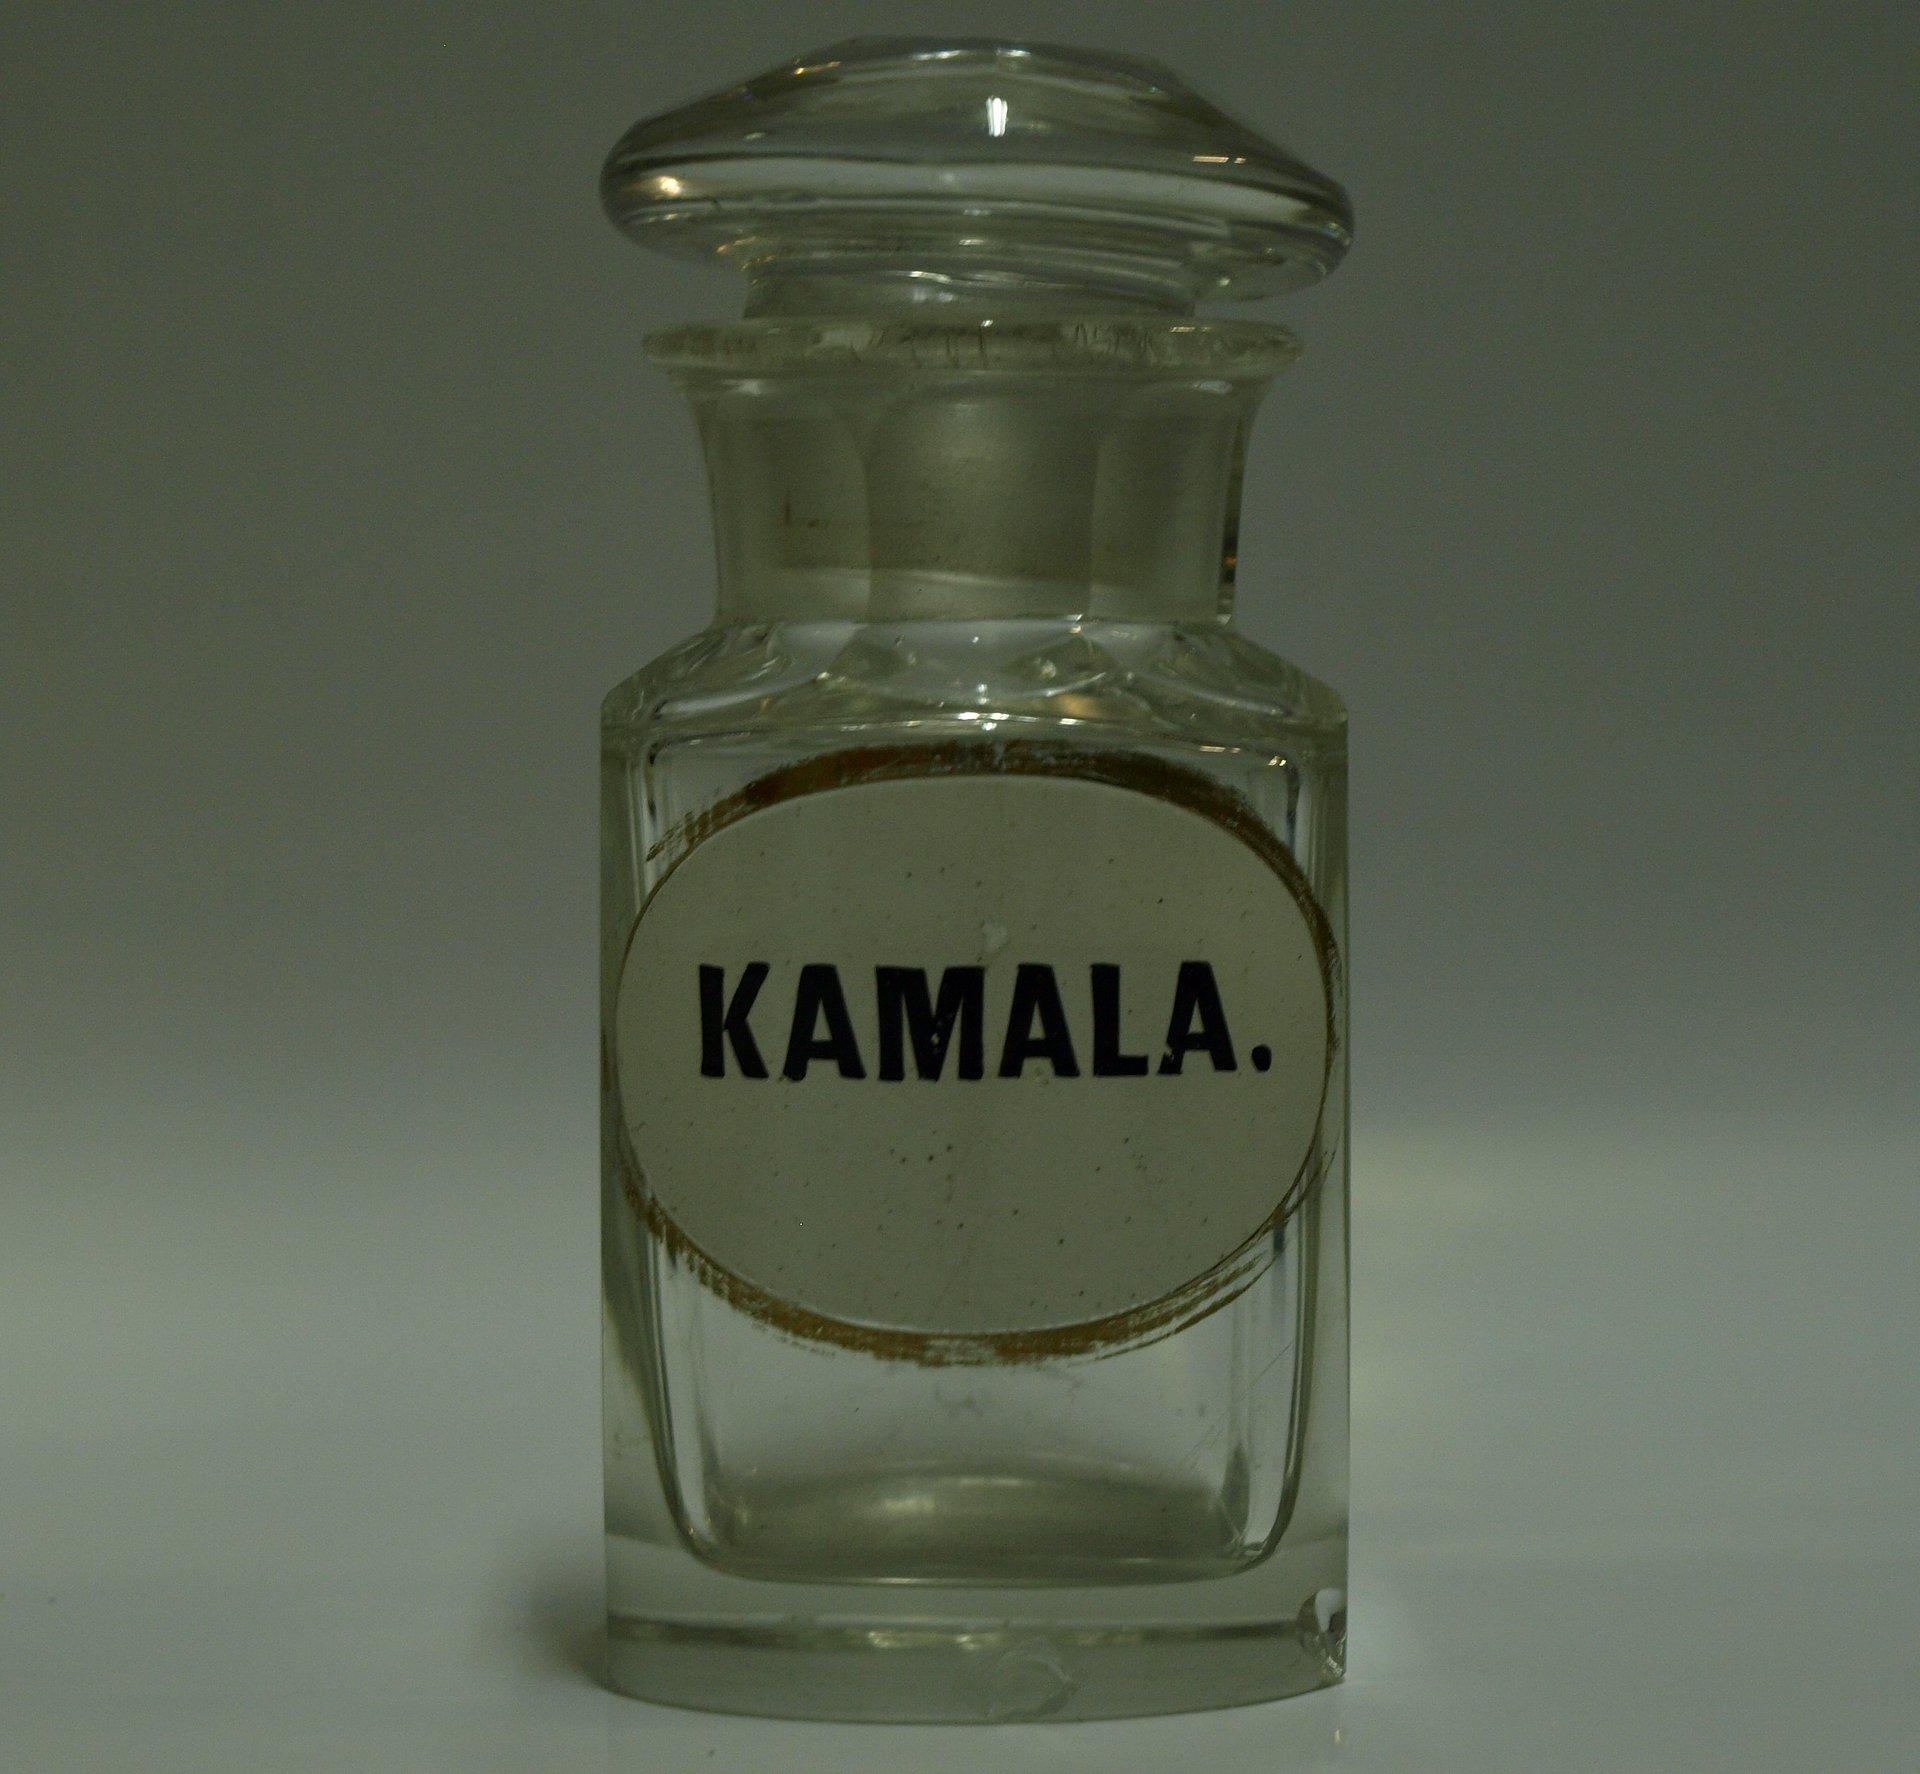 Kamala - czym była kiedyś i czym jest obecnie